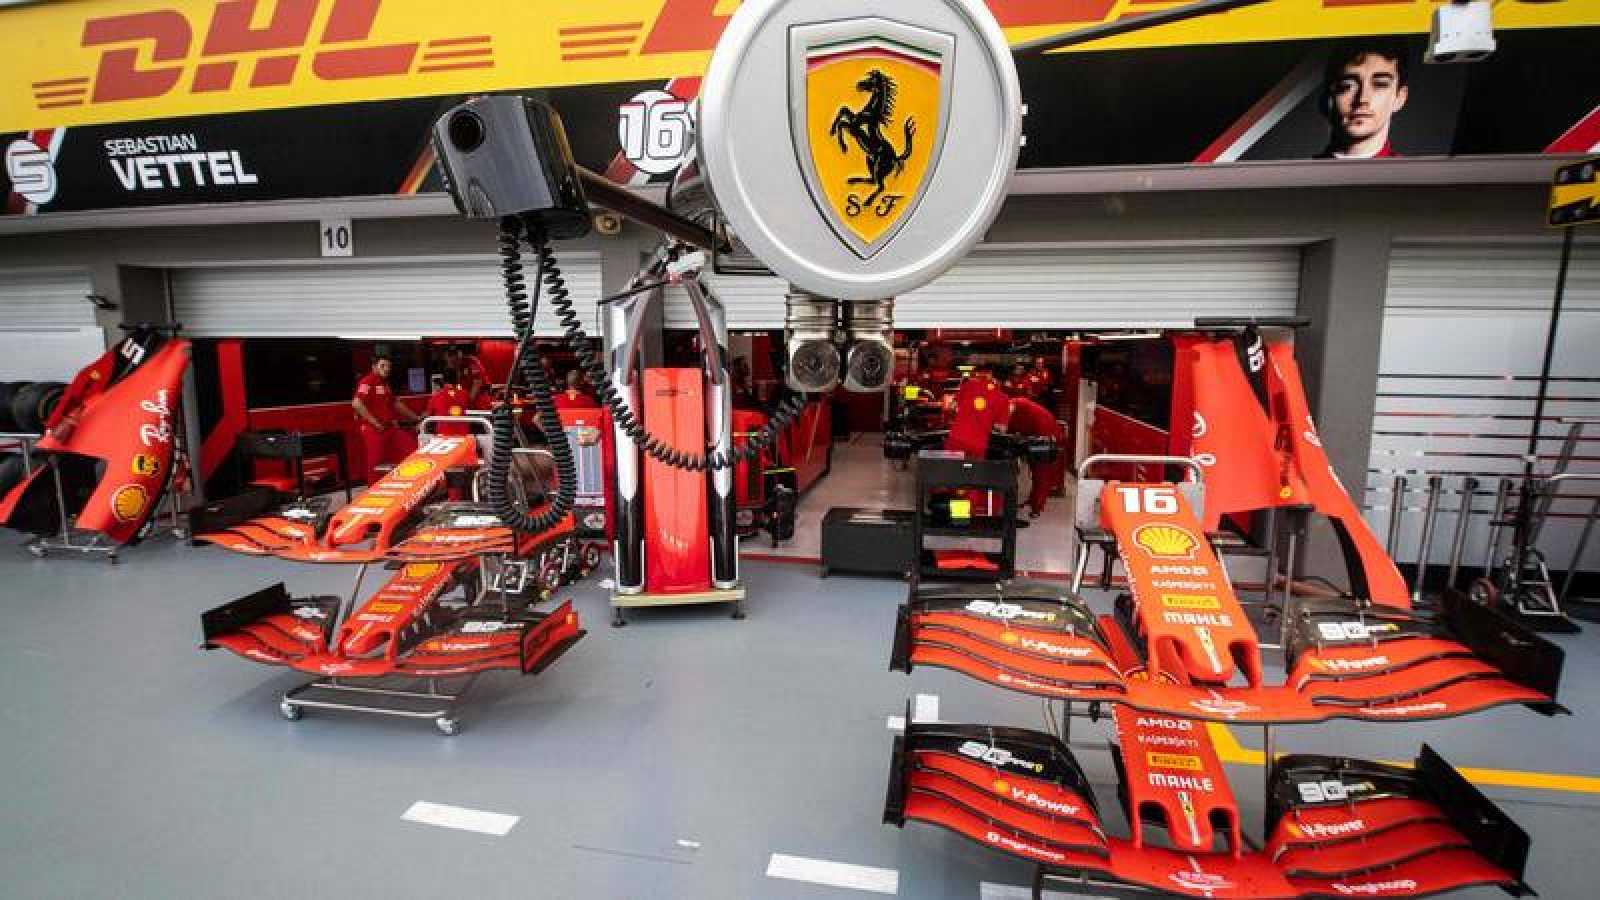 La pugna entre Leclerc y Vettel anima el dominio de Hamilton en Singapur